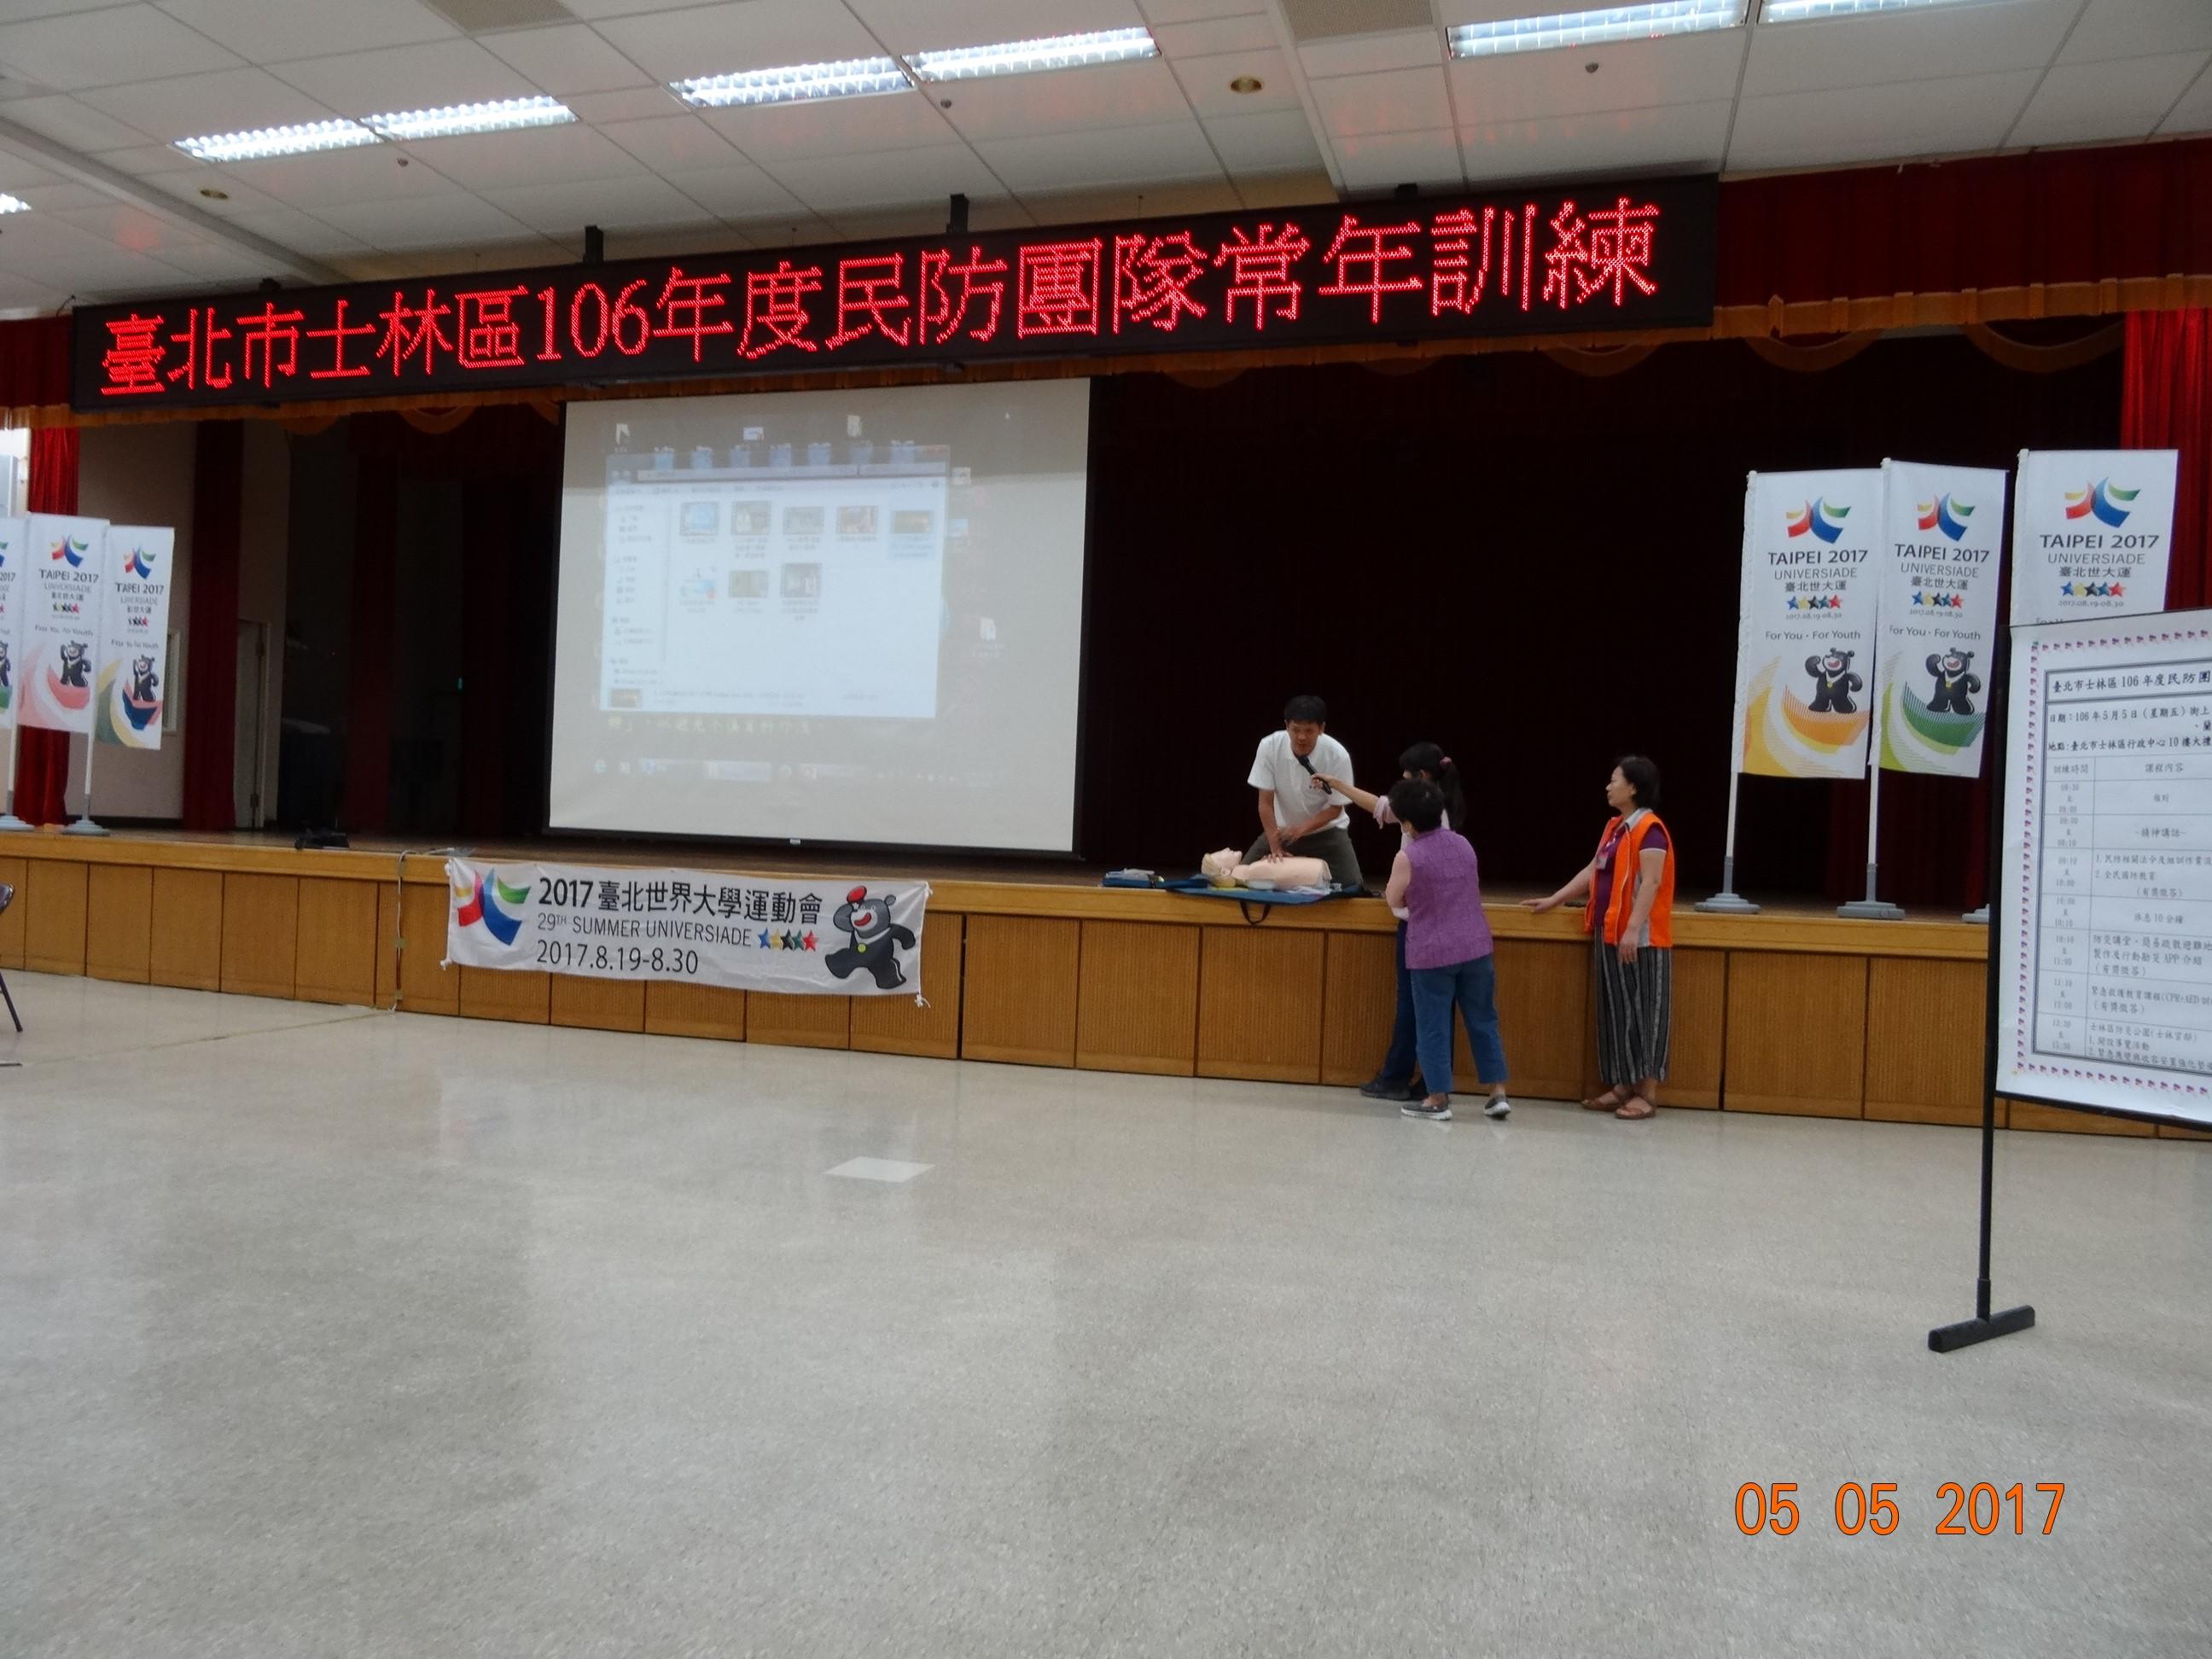 賴志魁教官講授「緊急救護常識及AED訓練」課程中,團員與老師互動熱絡、踴躍學習AED正確方式。